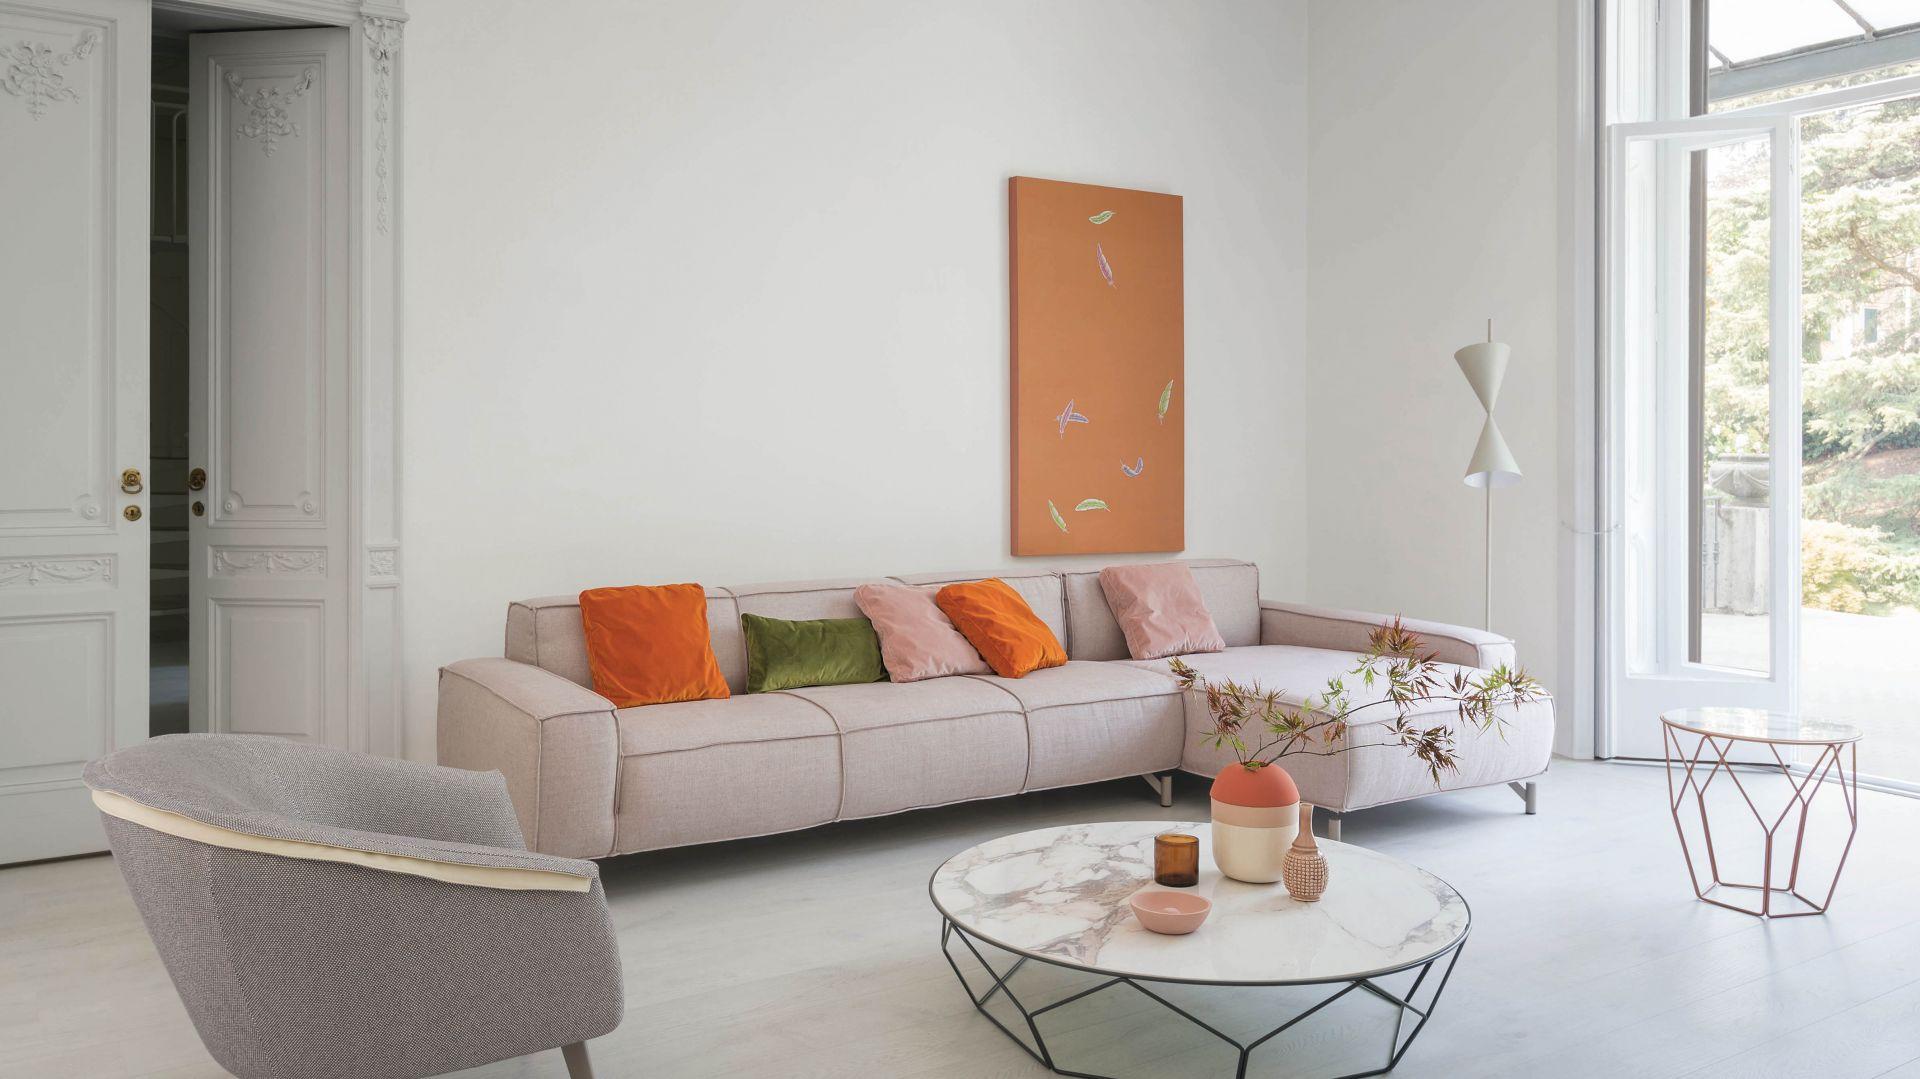 Modułowa sofa Peanut  pozwala na stworzenie kompozycji, która dopasuje się do każdej przestrzeni i stylu. Fot. Bonaldo